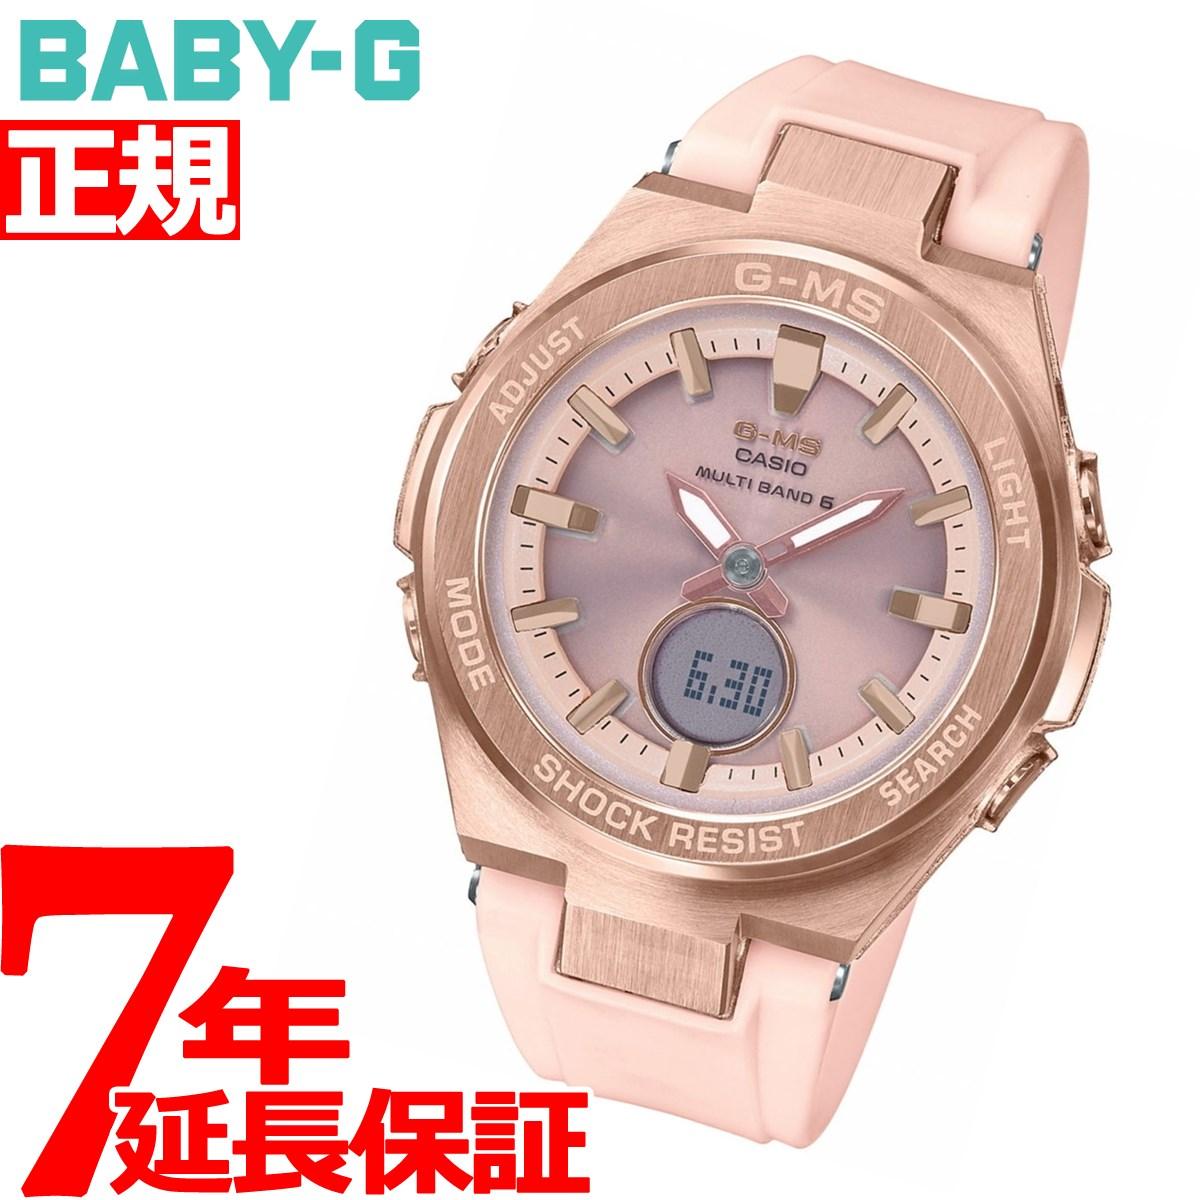 BABY-G カシオ ベビーG レディース G-MS 電波 ソーラー 腕時計 タフソーラー MSG-W200G-4AJF【2018 新作】